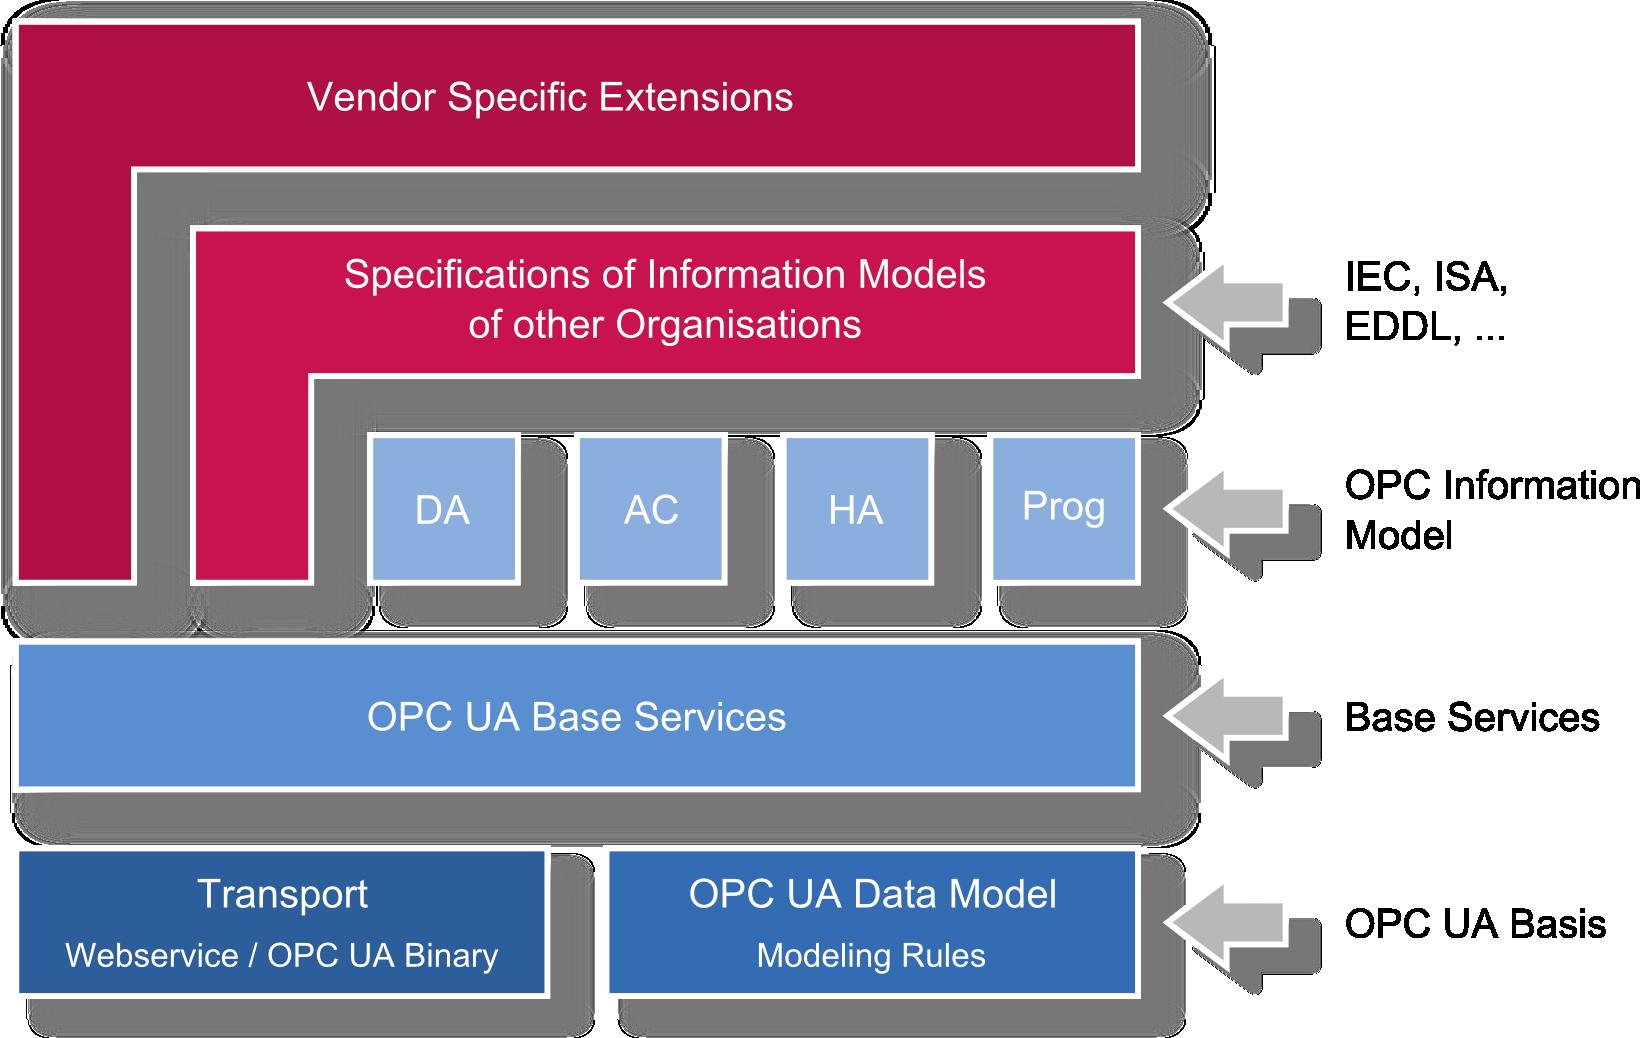 OPC UA Concepts